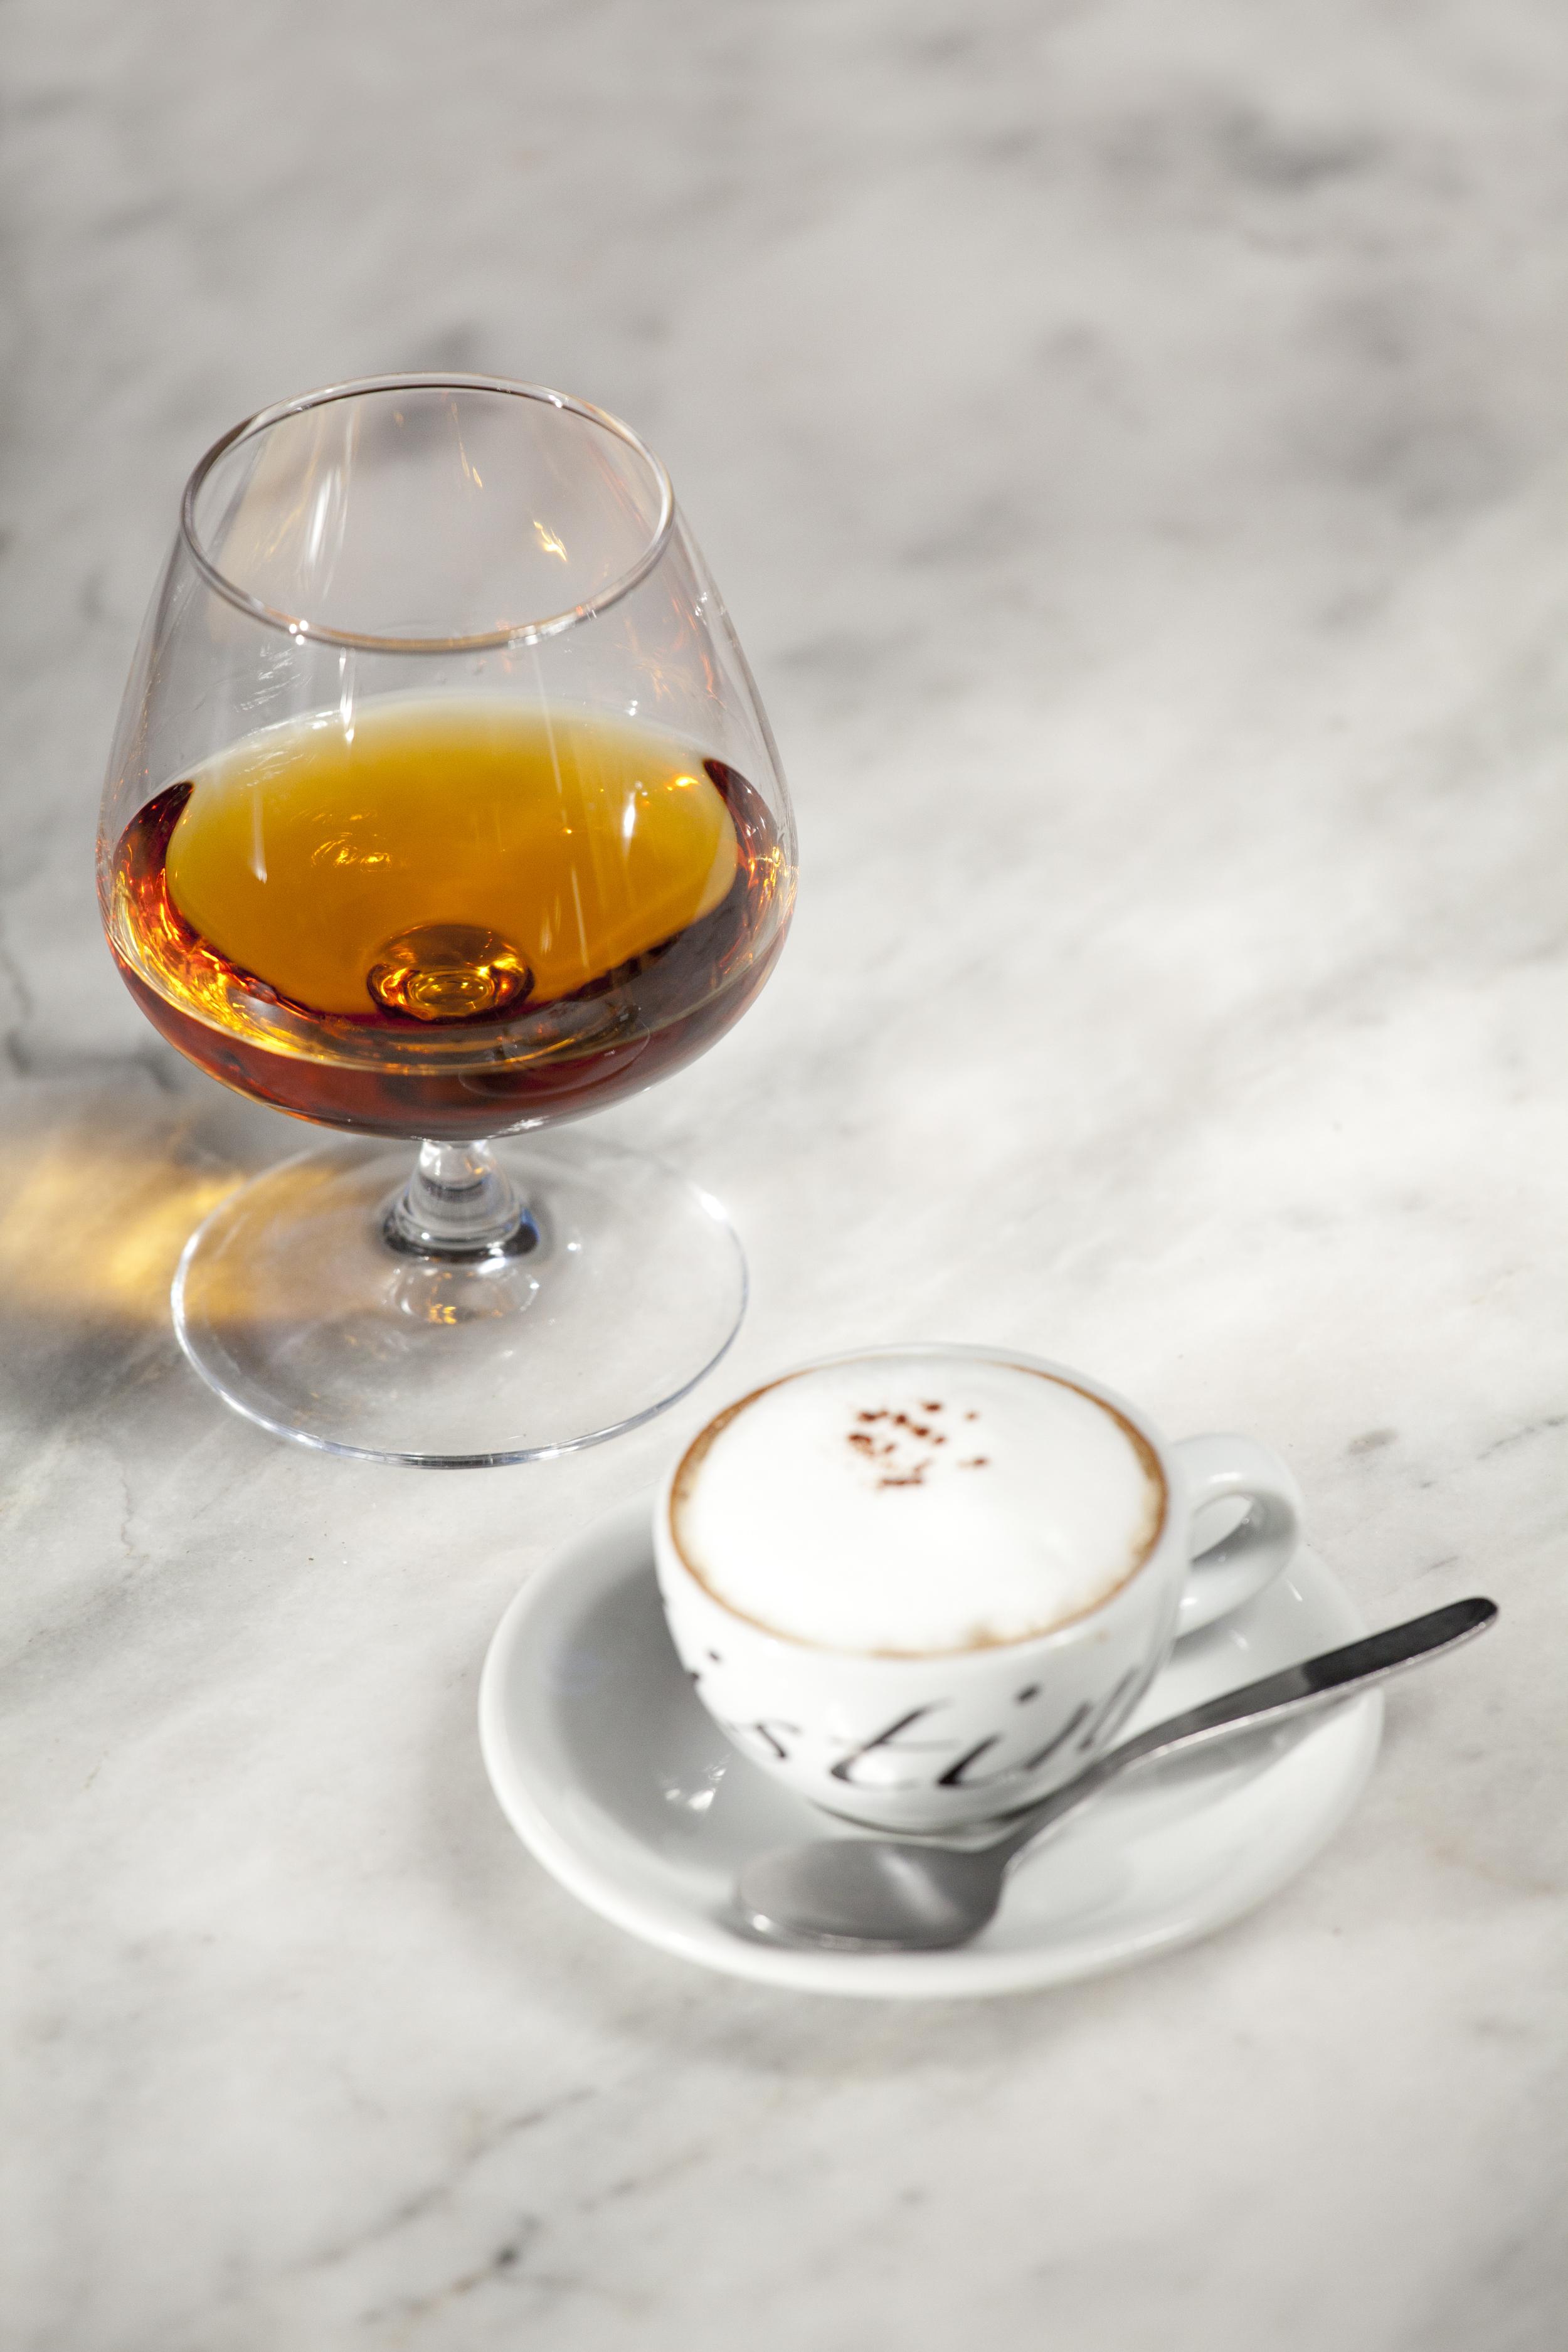 33 café cognac side view.jpg